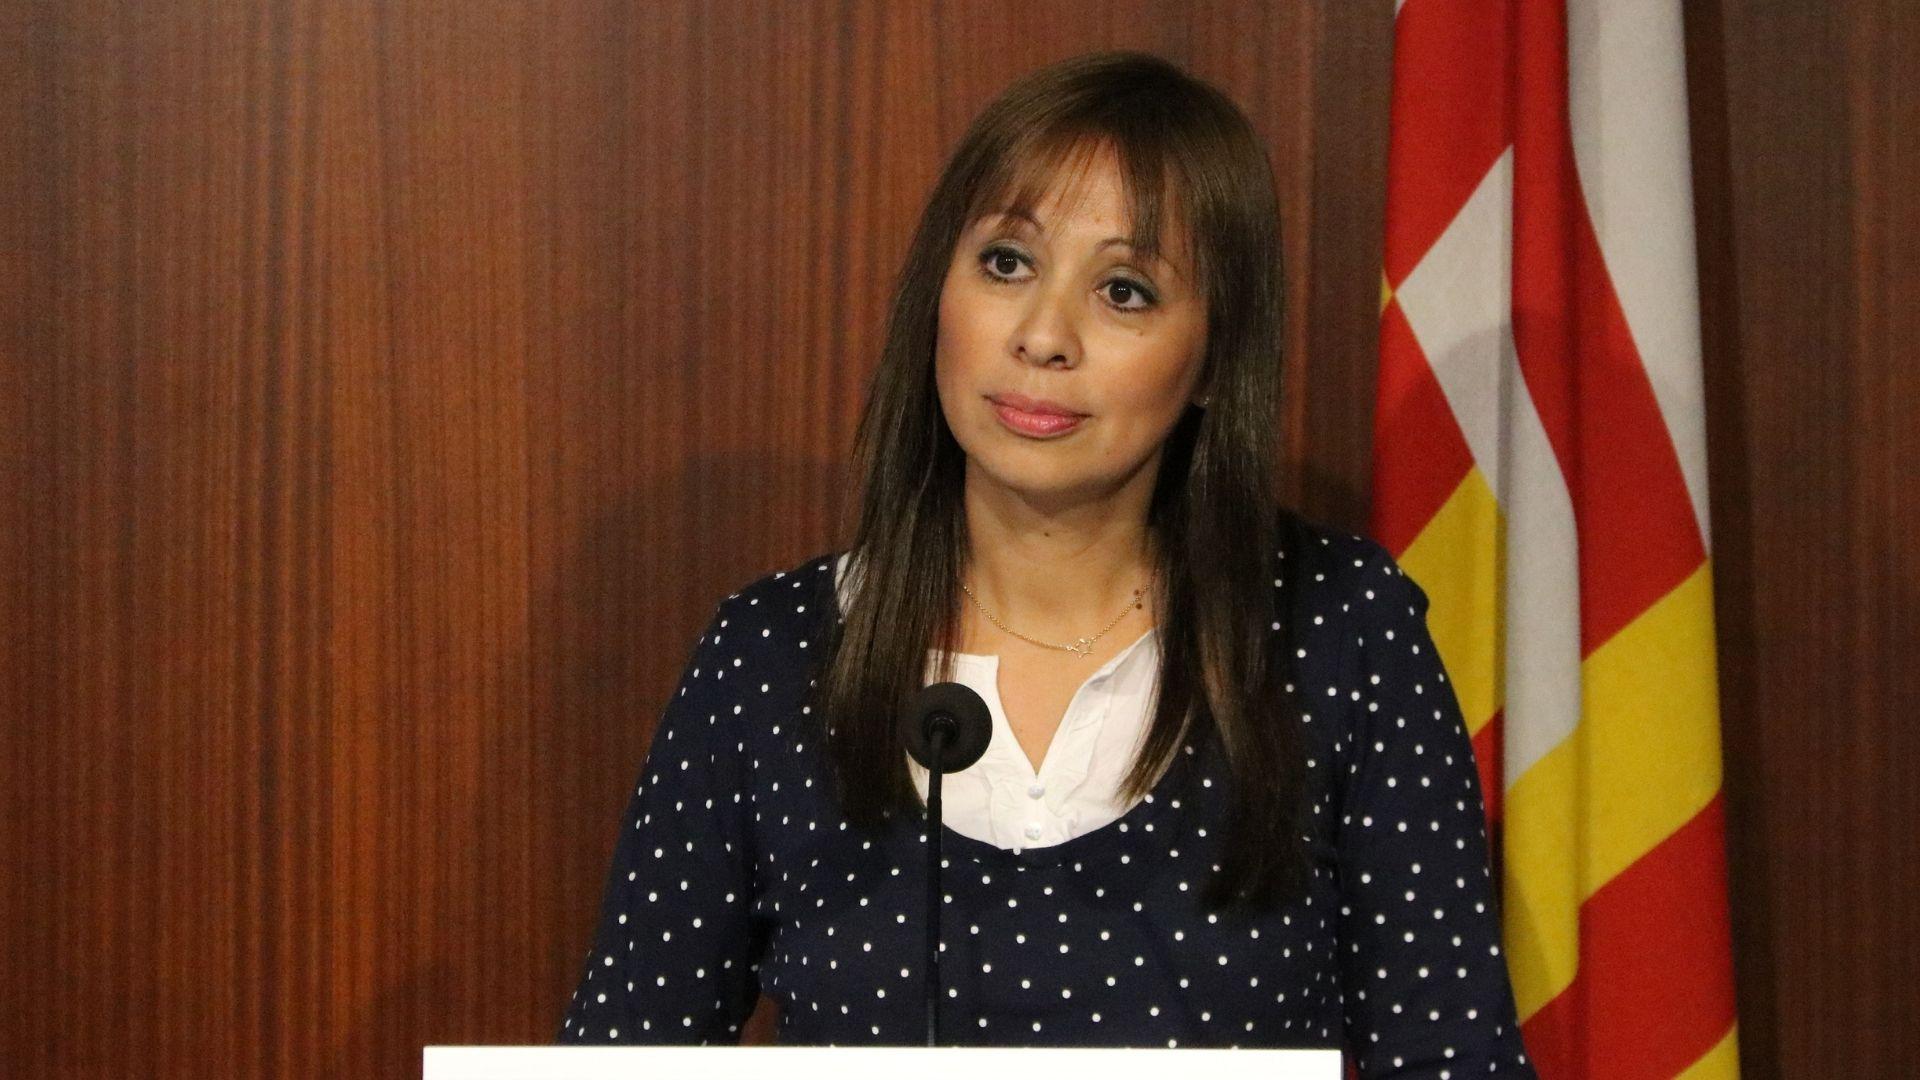 Marilén Barceló